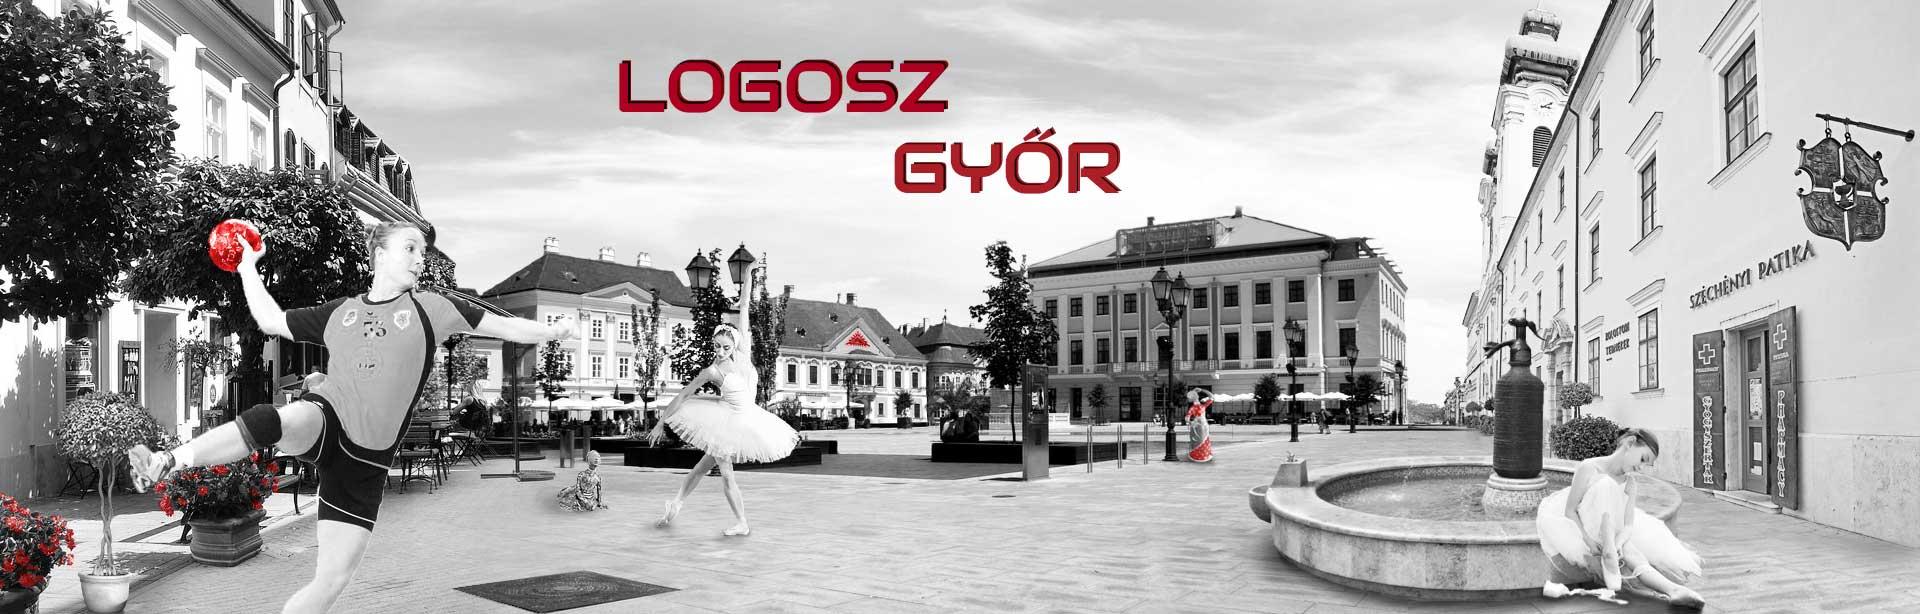 Cégalapítás, székhelyszolgáltatás Győrben